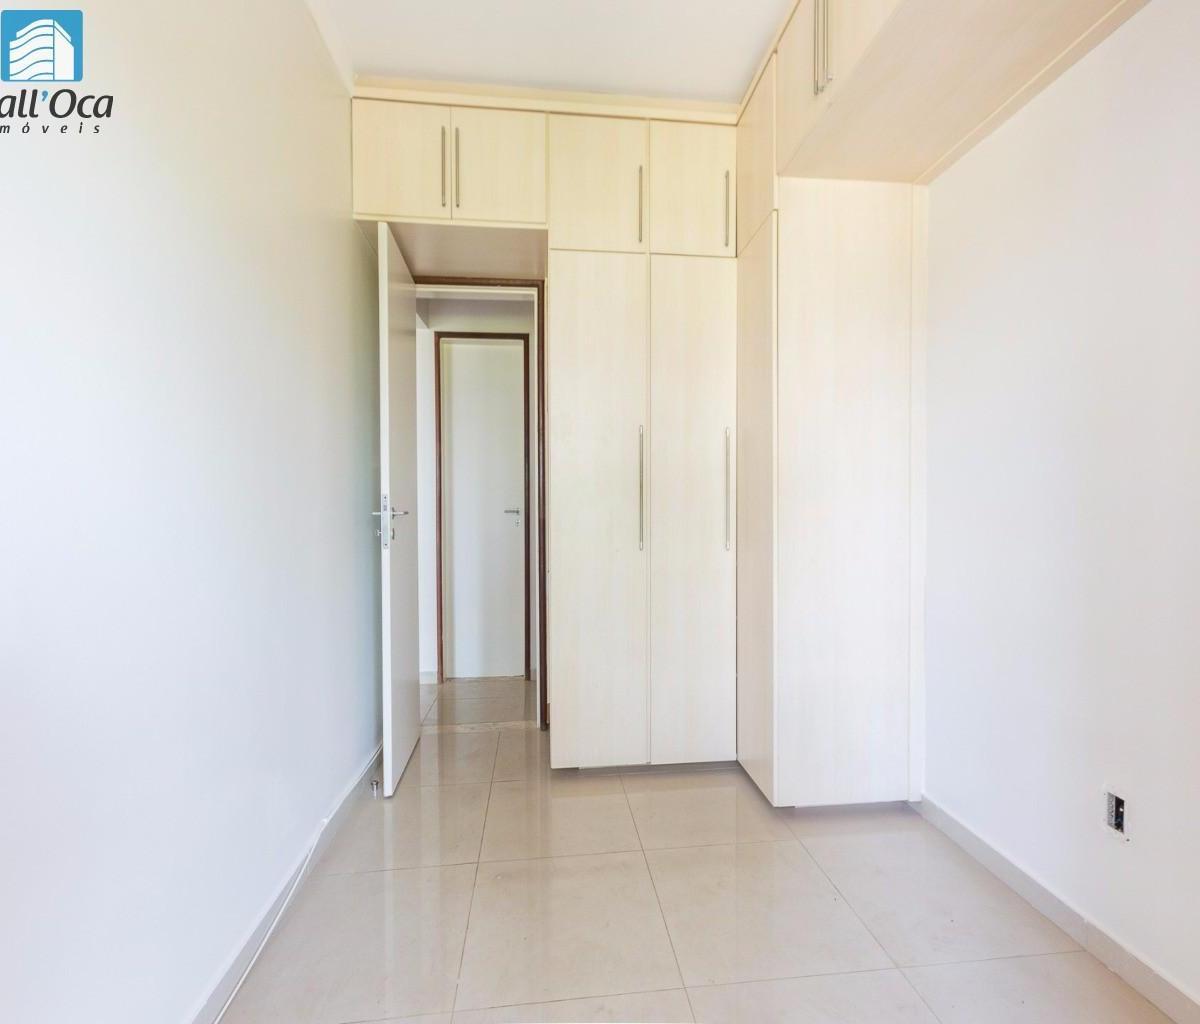 Imagens de #287DA3 Apartamento para aluguel com 2 Quartos Asa Norte Brasília R$ 2  1200x1024 px 3096 Box Banheiro Asa Norte